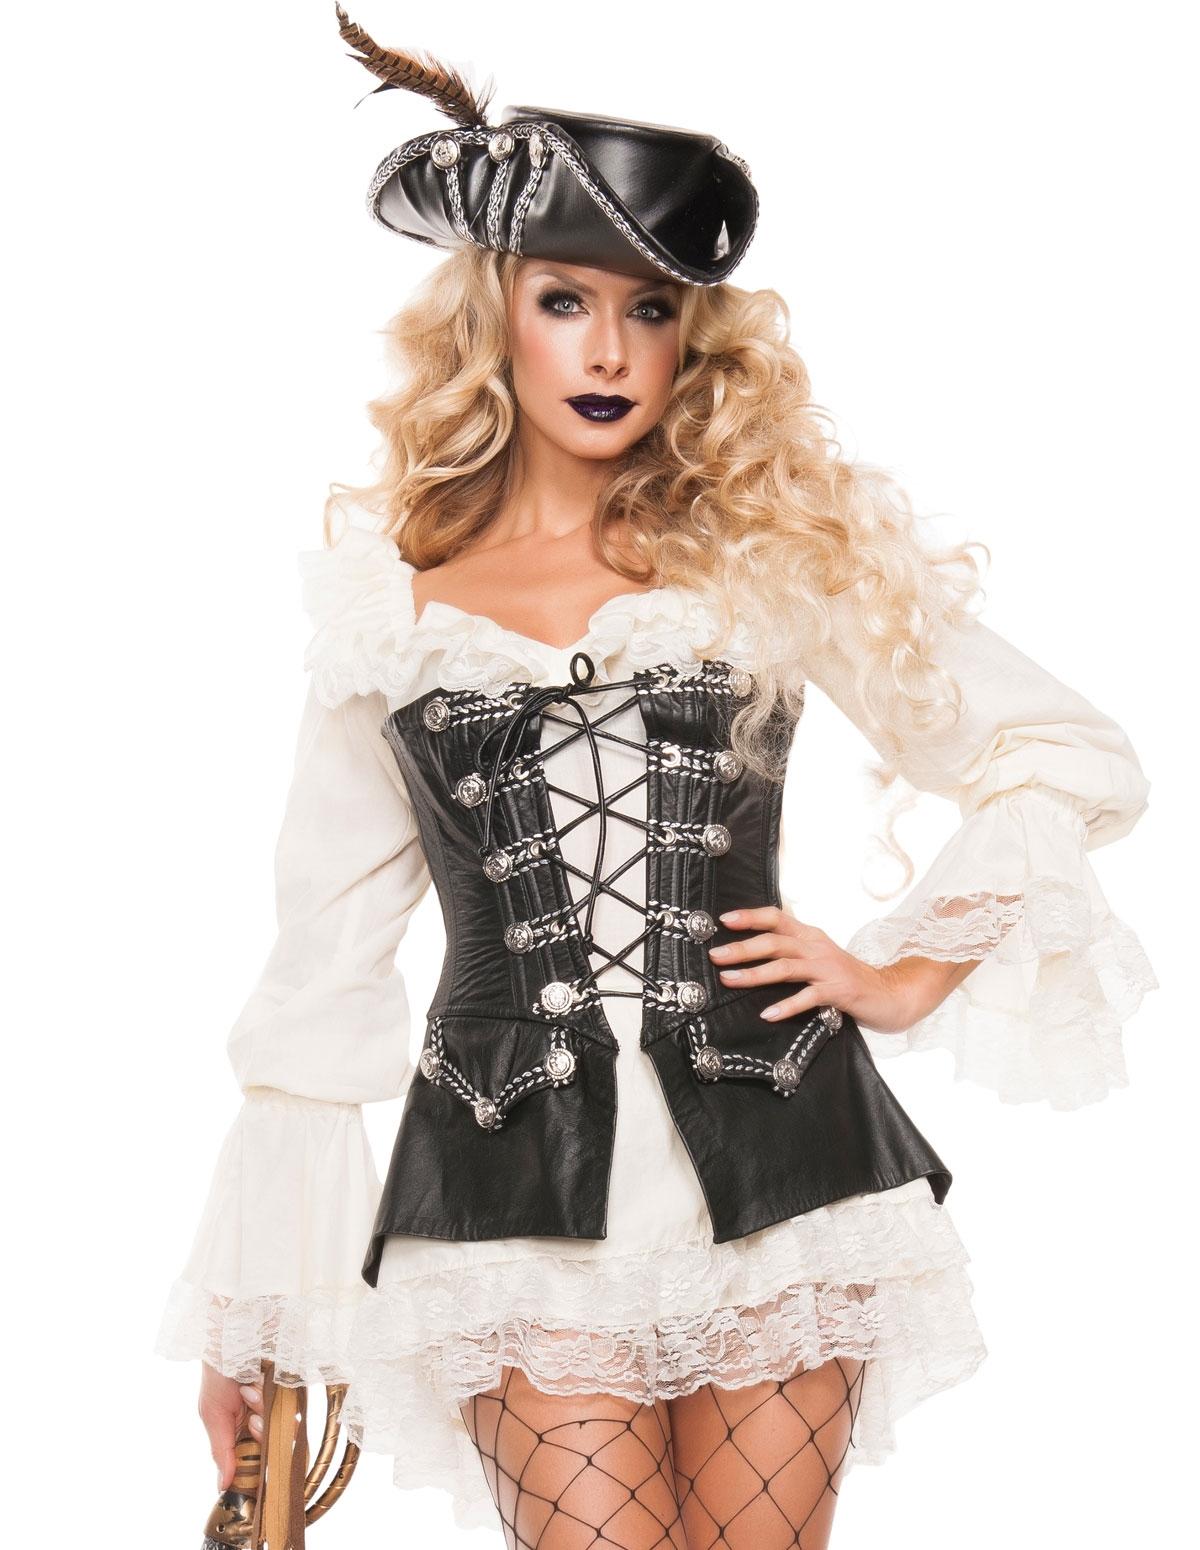 Rogue Pirate Costume